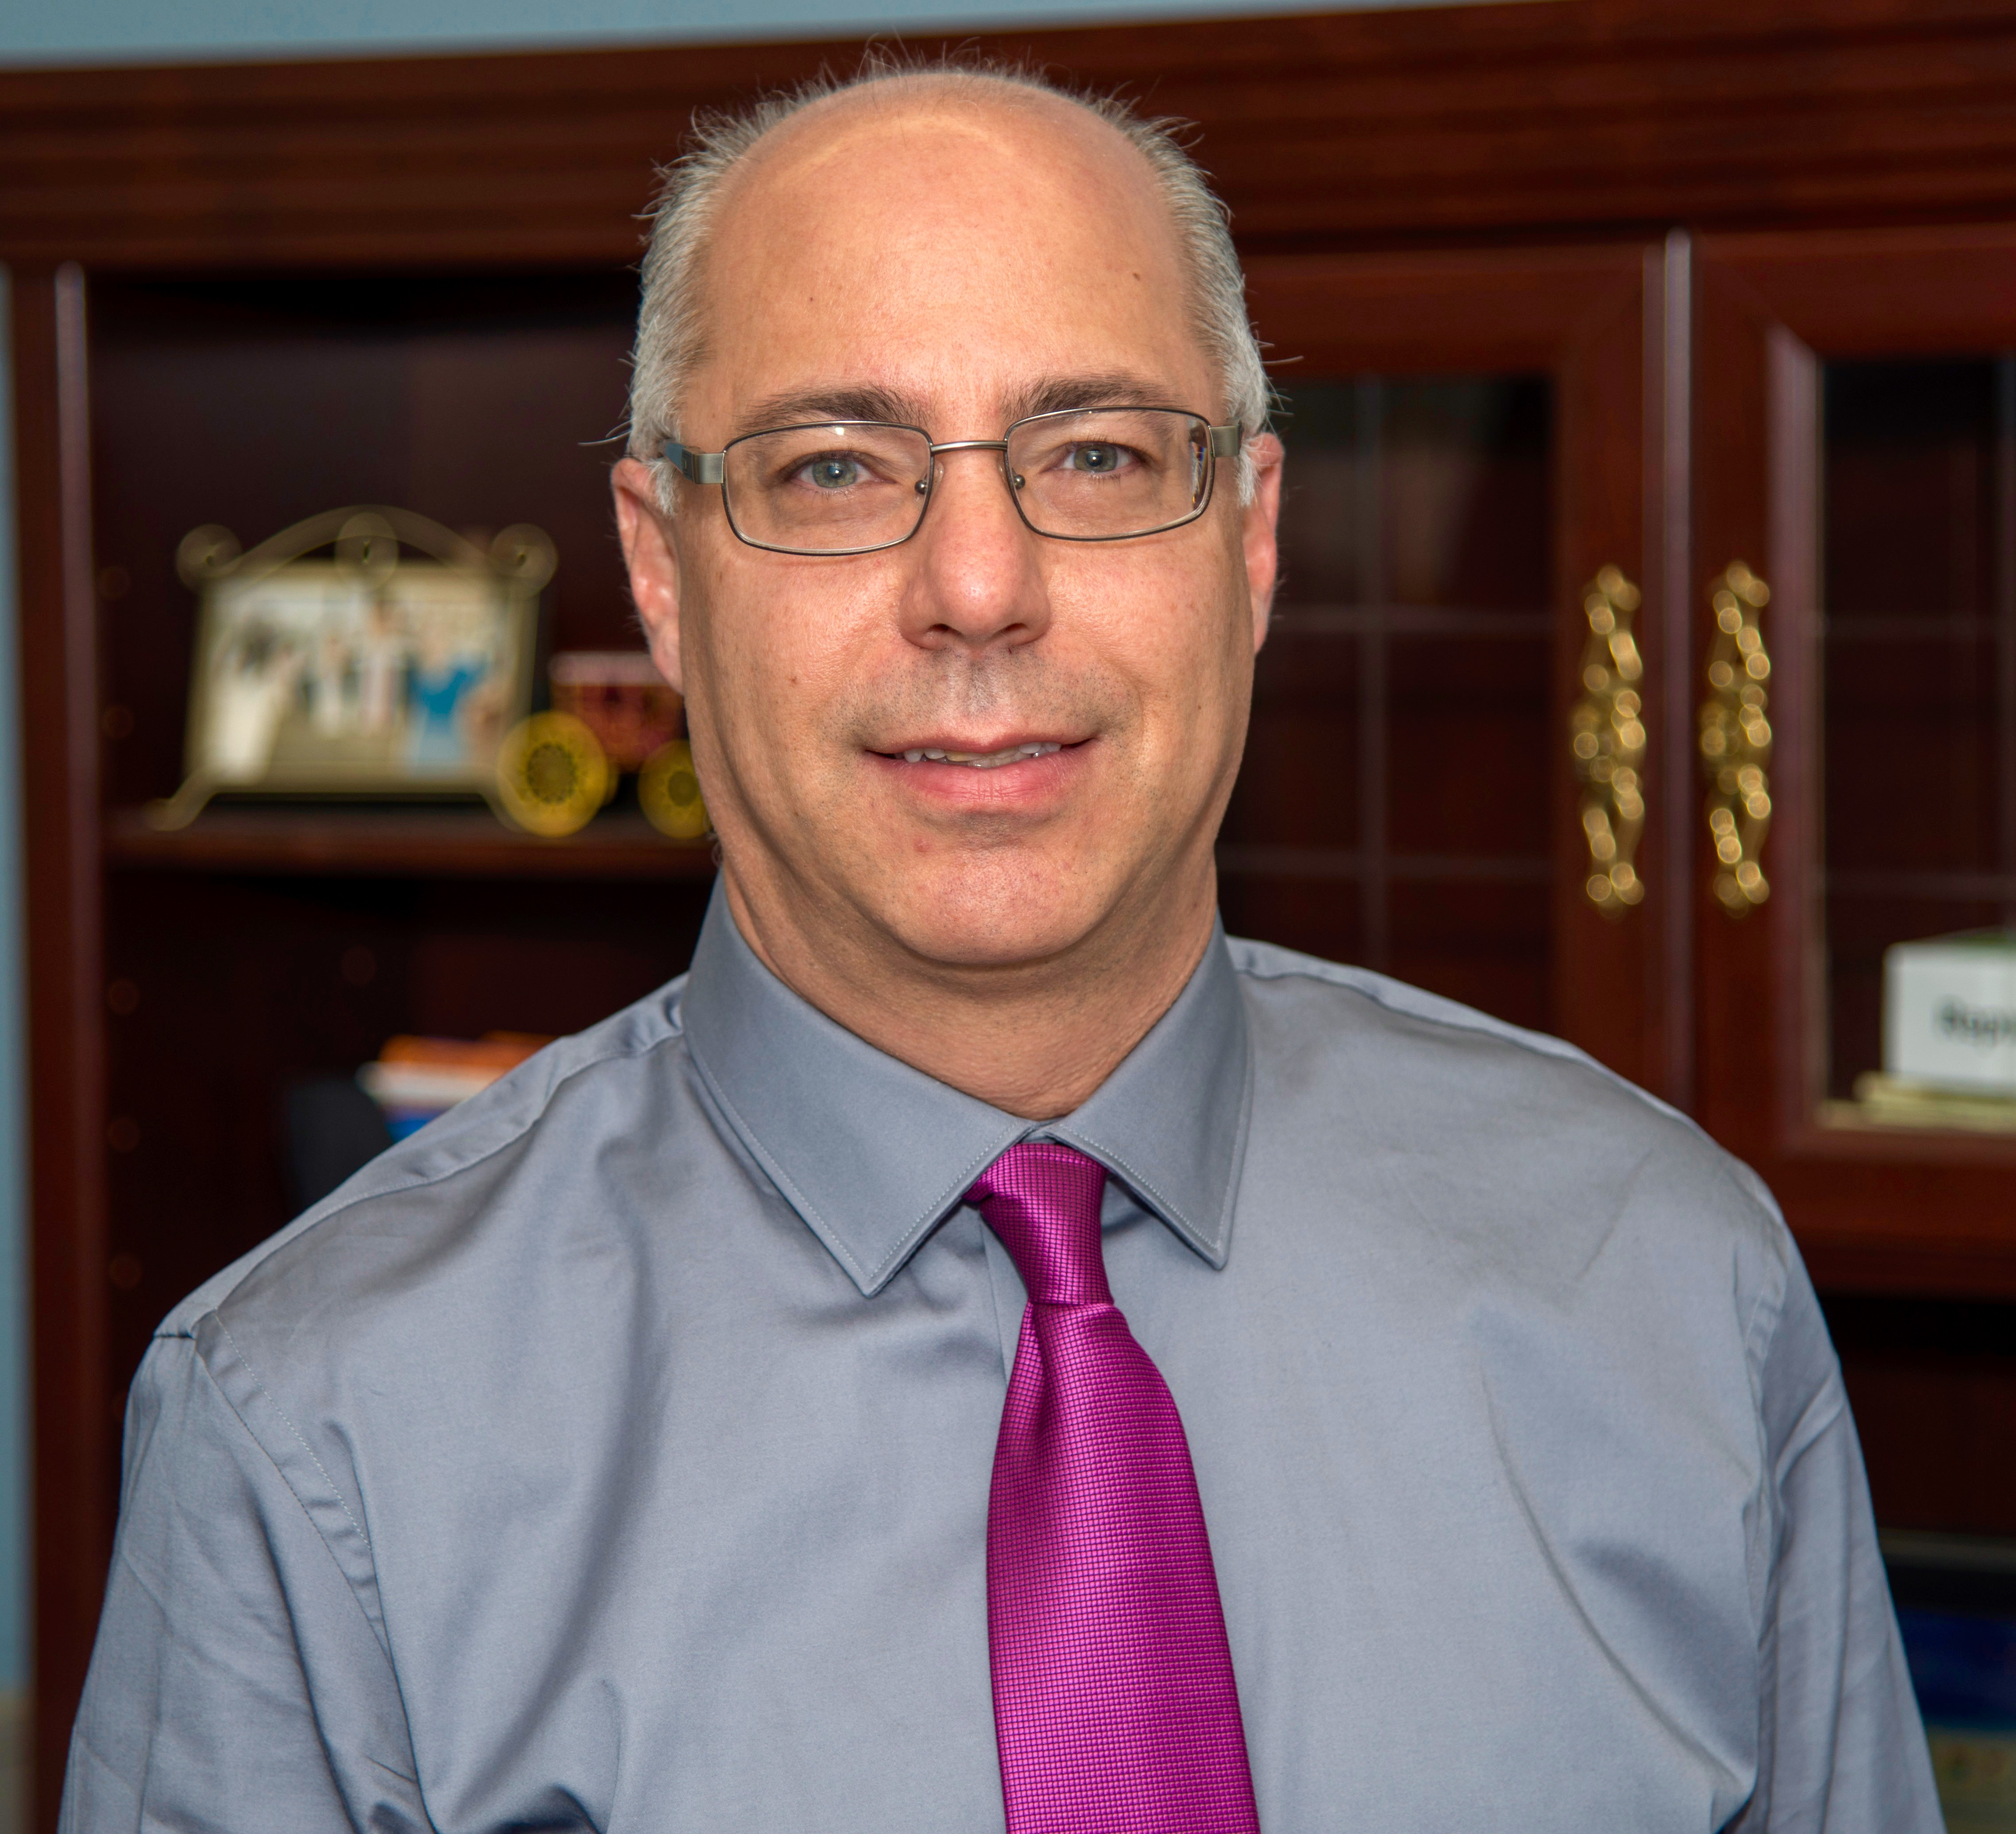 Charles H. Hubscher, Ph.D.